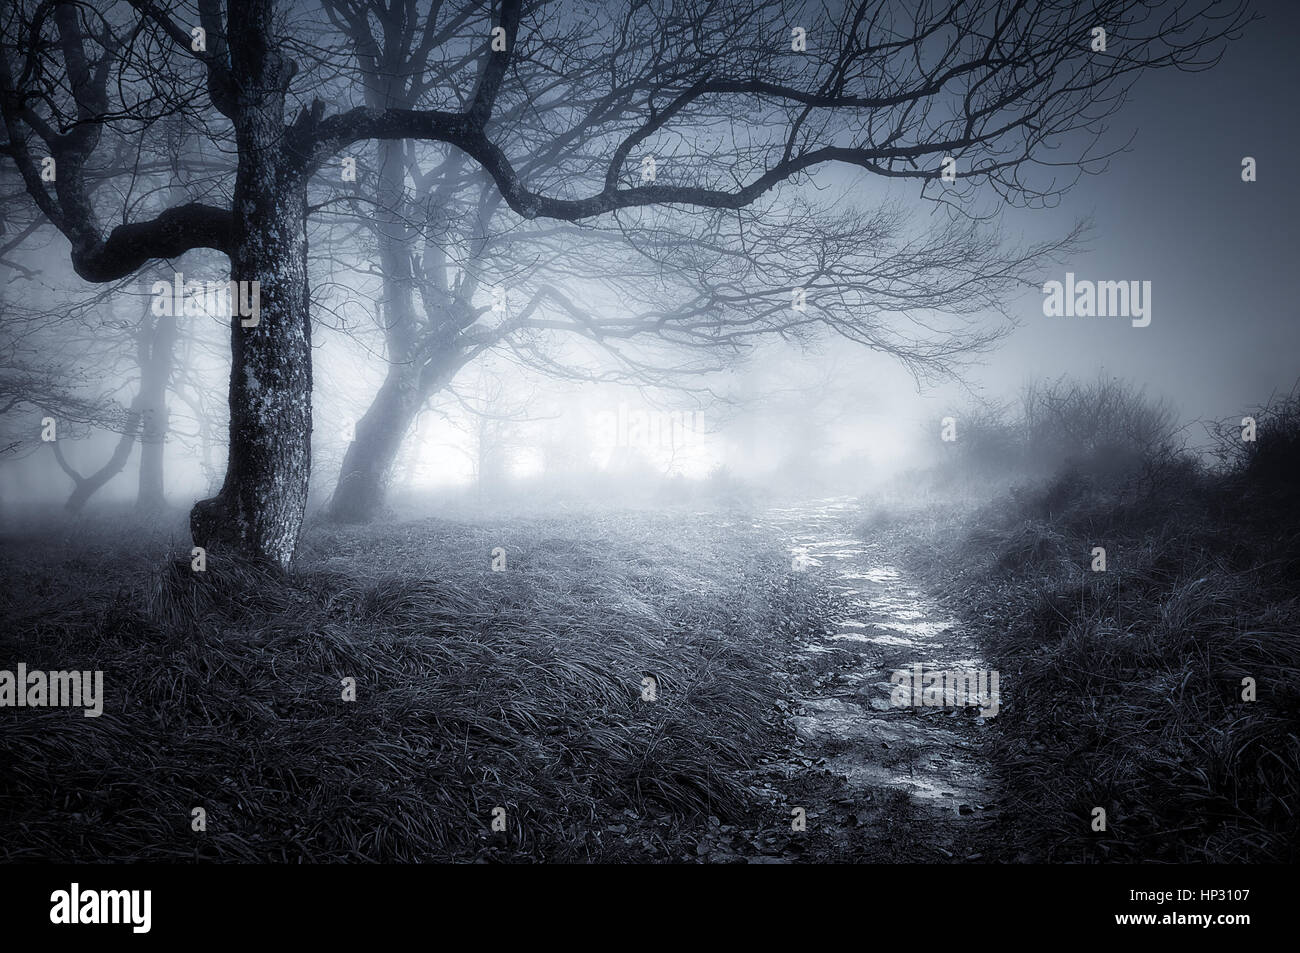 Camino en un bosque oscuro y aterrador Imagen De Stock